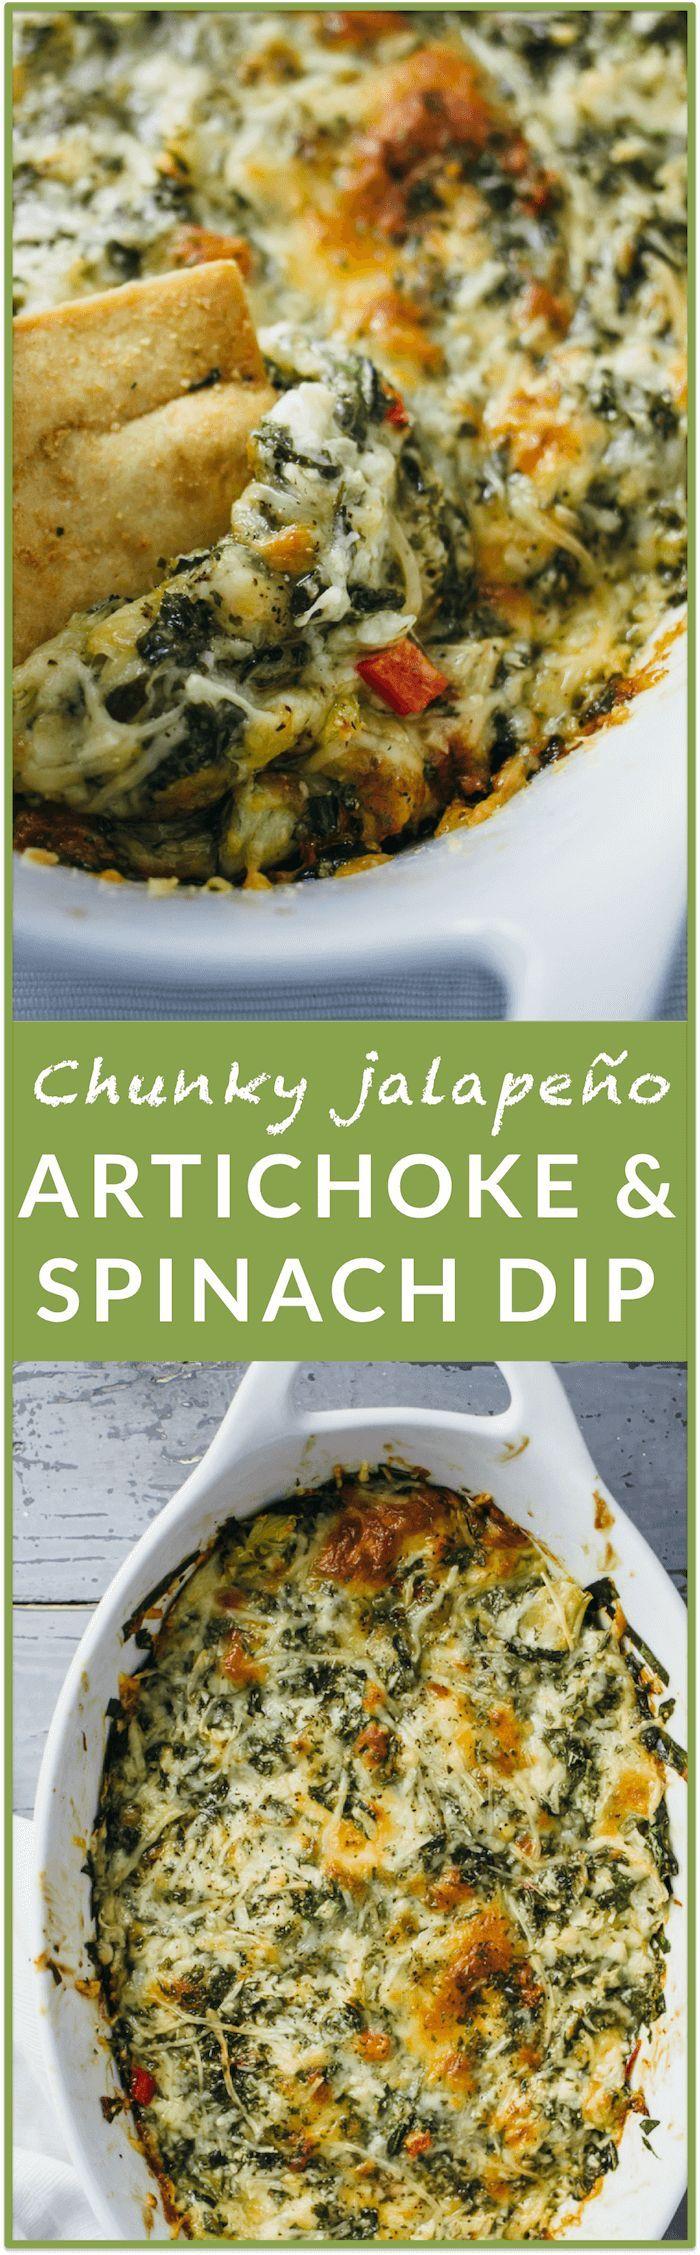 Best 25+ Best spinach dip ideas on Pinterest | Best ...